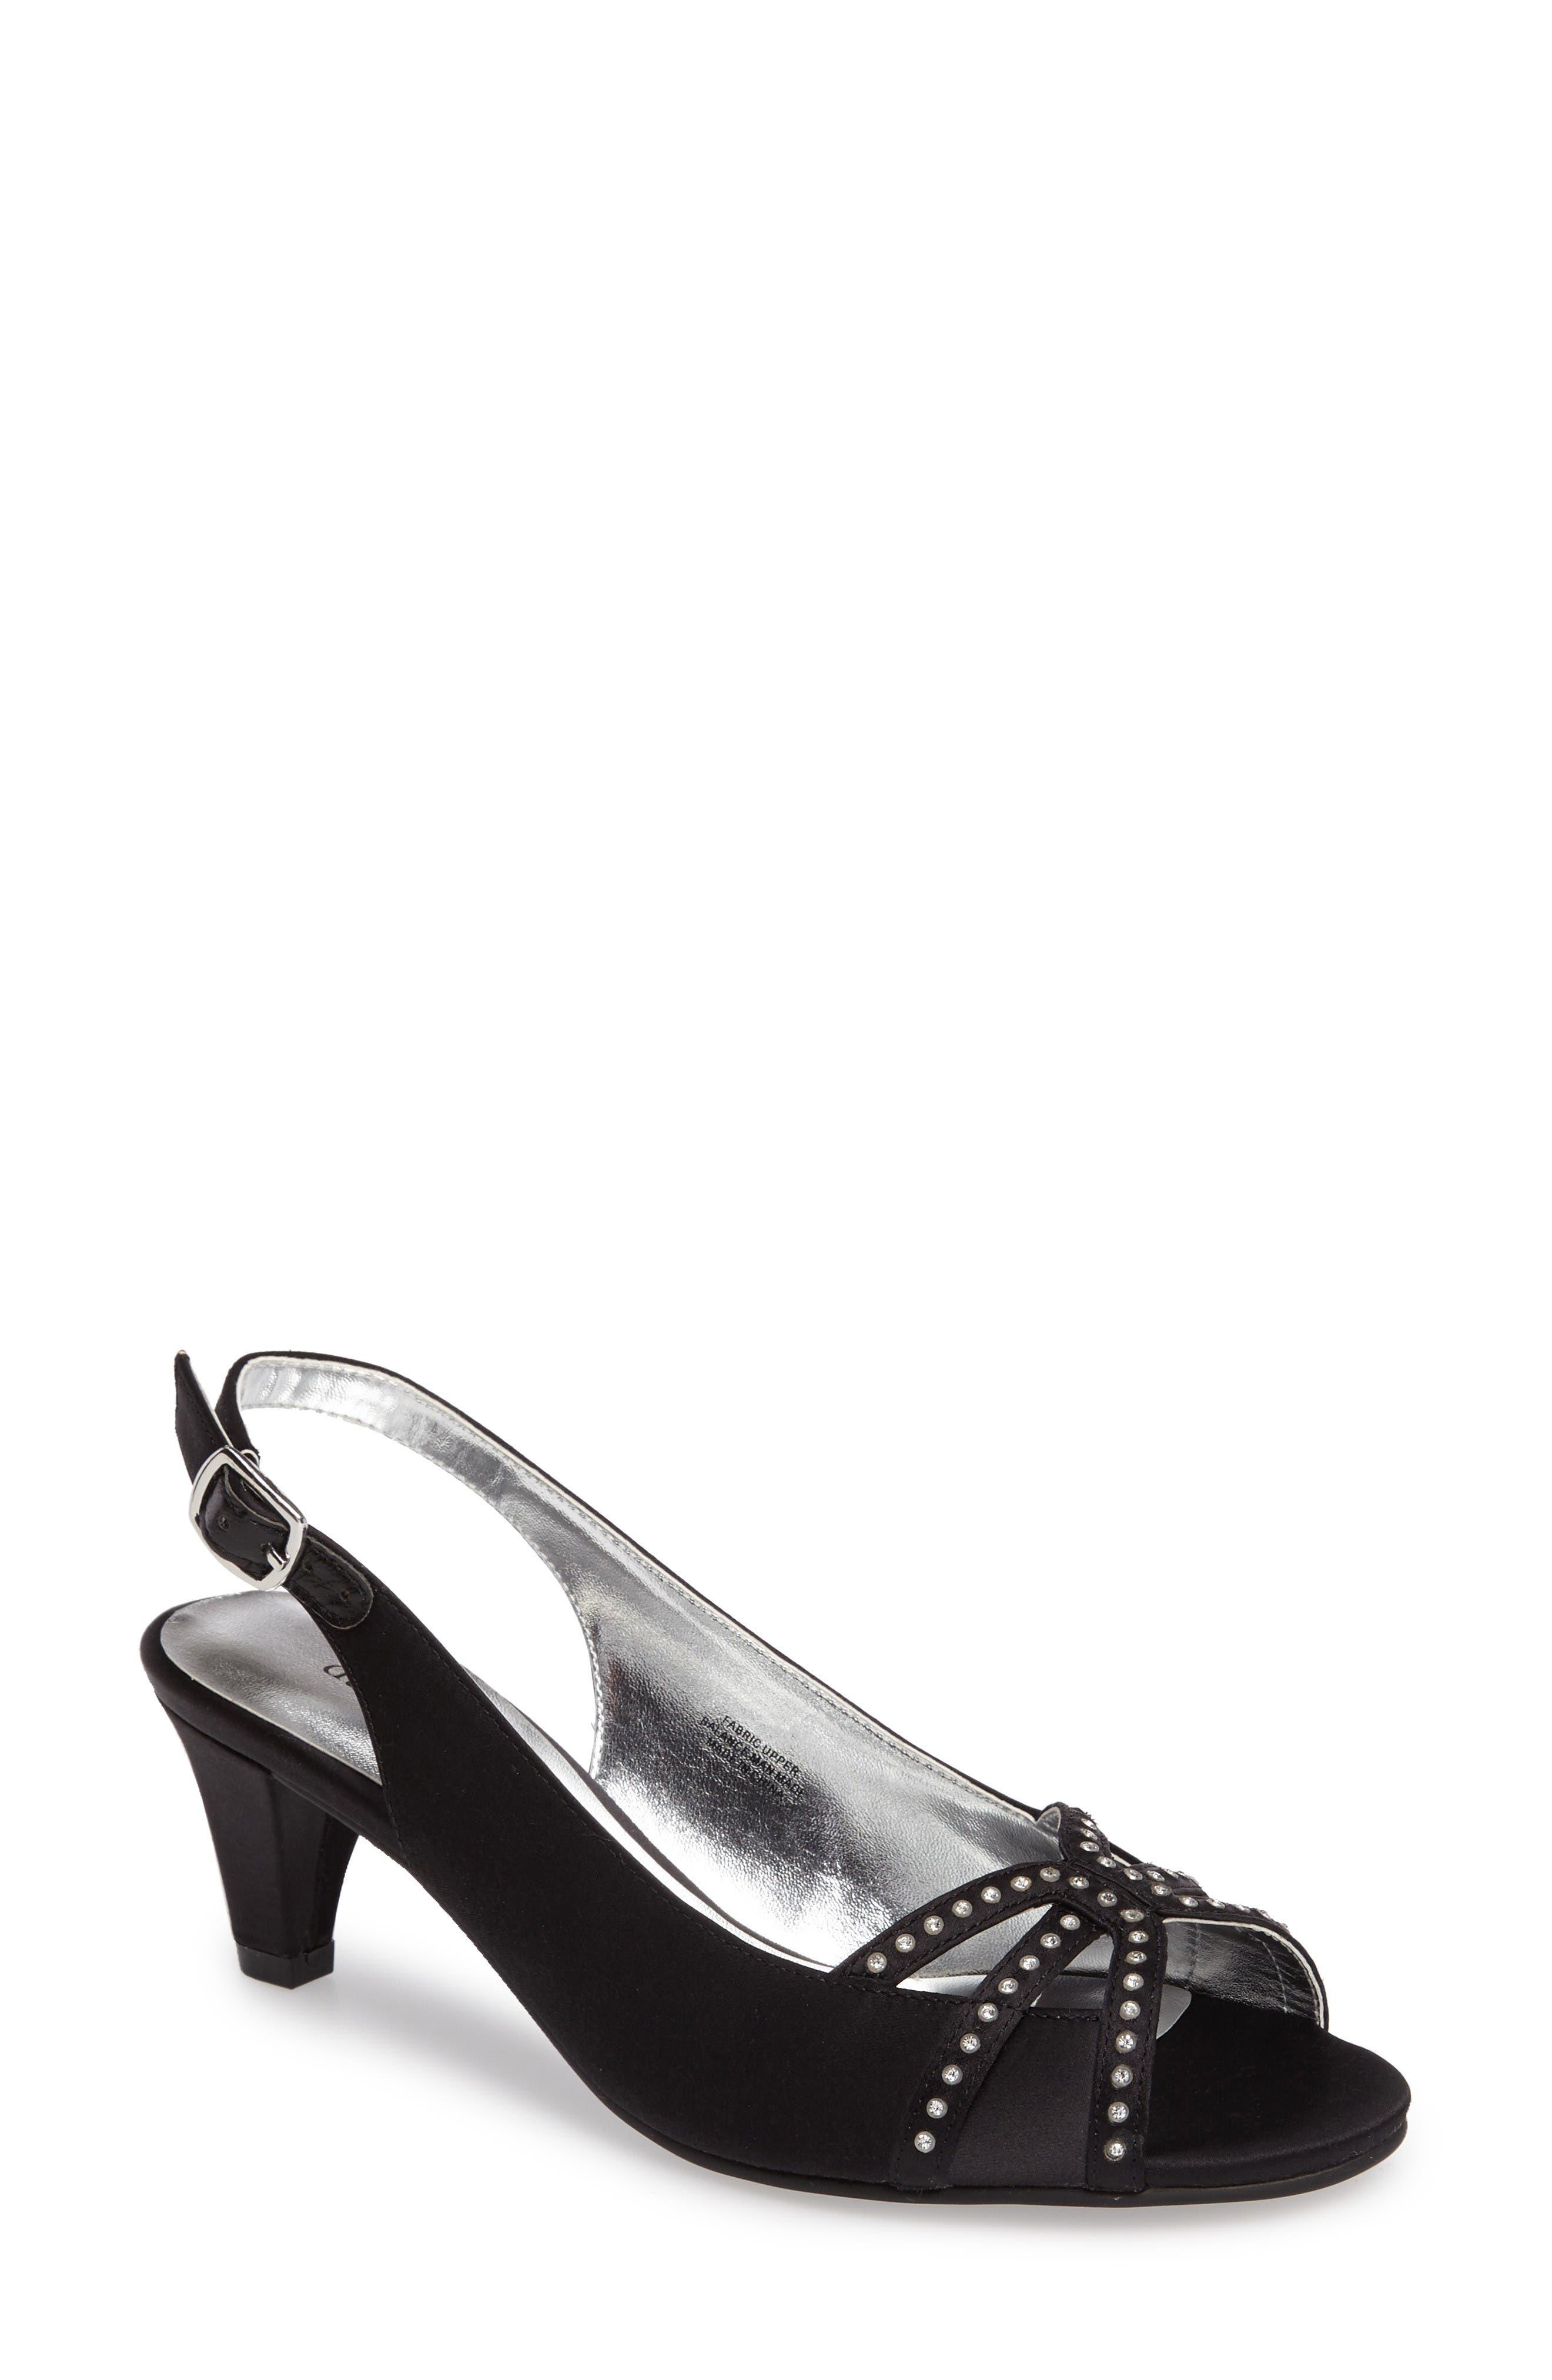 Regal Embellished Slingback Sandal,                         Main,                         color, Black Fabric